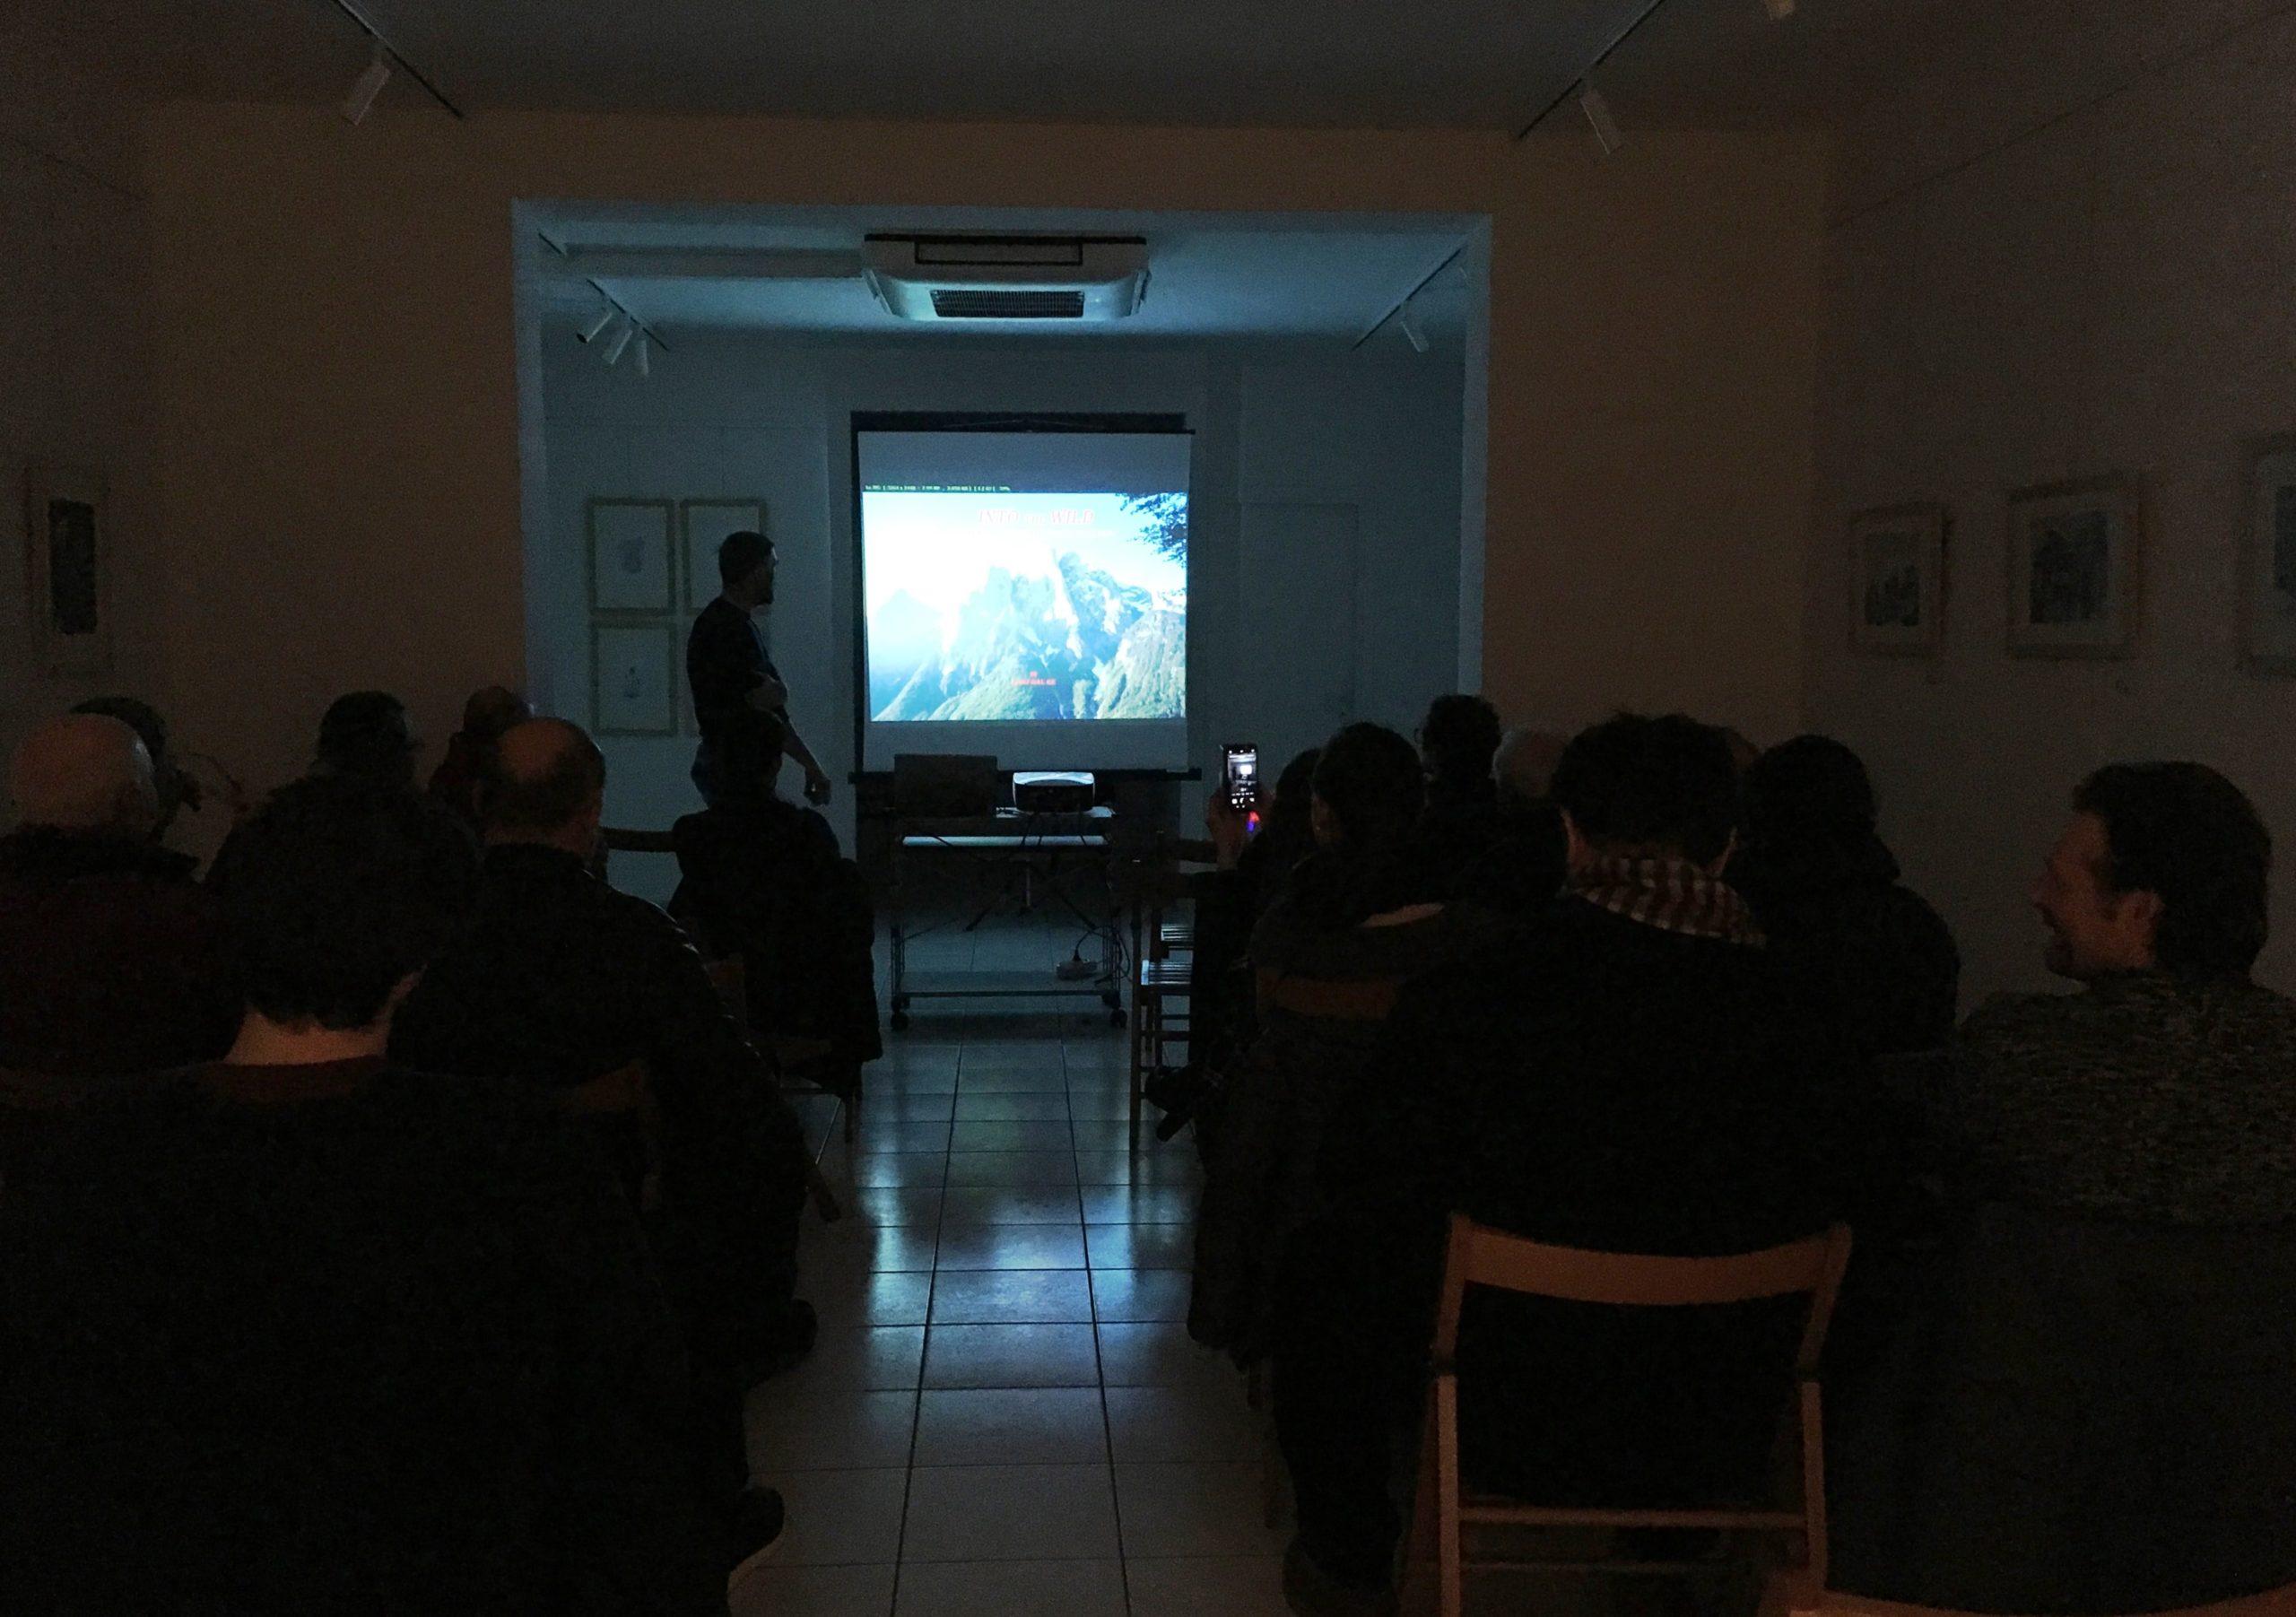 La Montagna Sotto Le Dita | Pallavicini22 spazio espositivo Ravenna